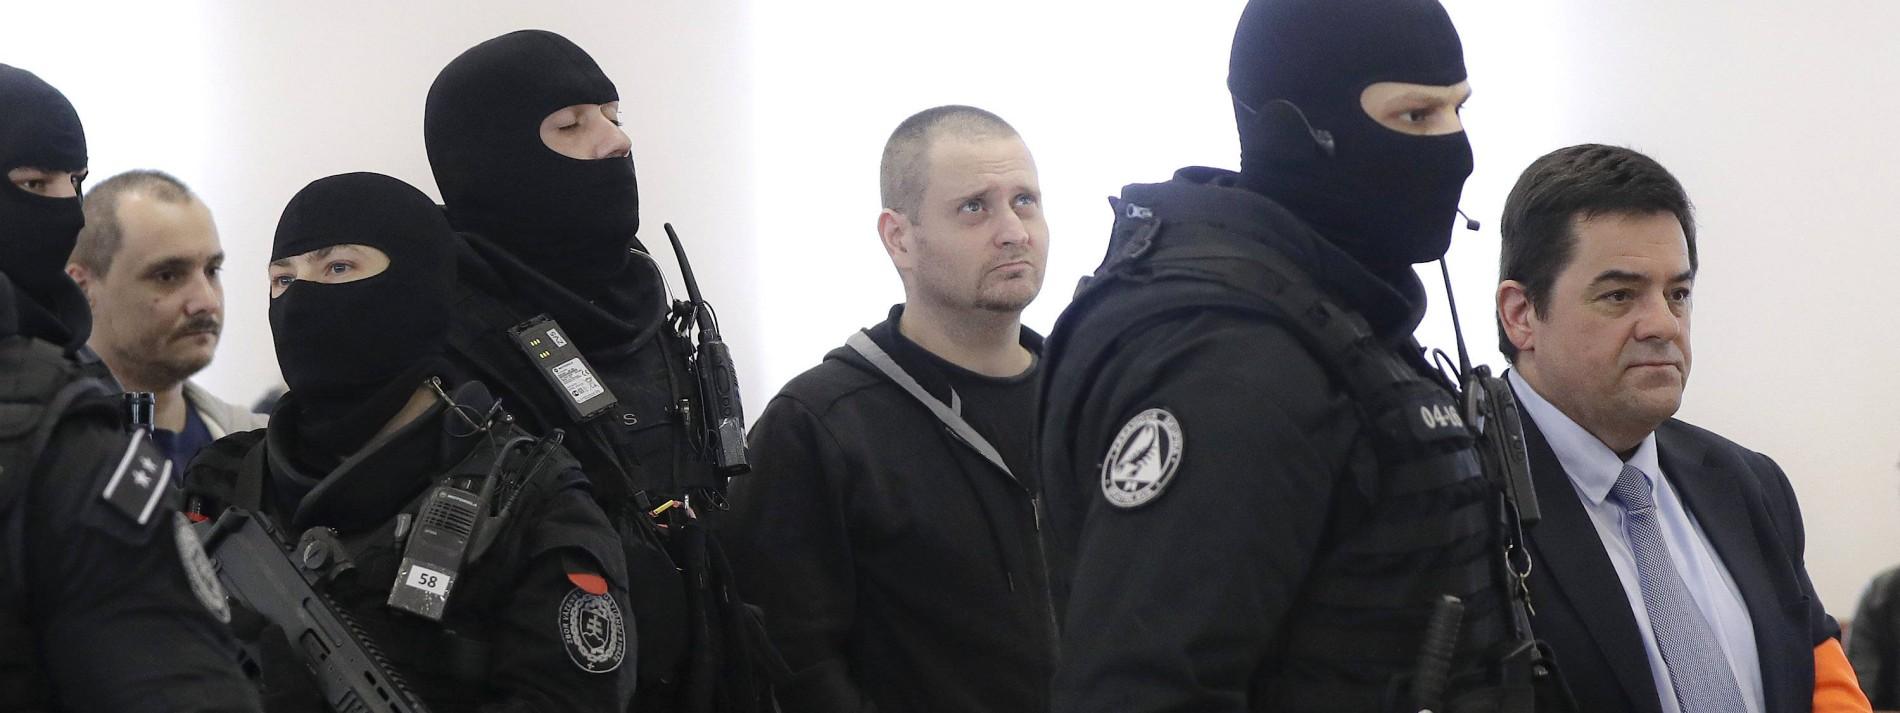 Ein Vierteljahrhundert Haft für Journalistenmörder